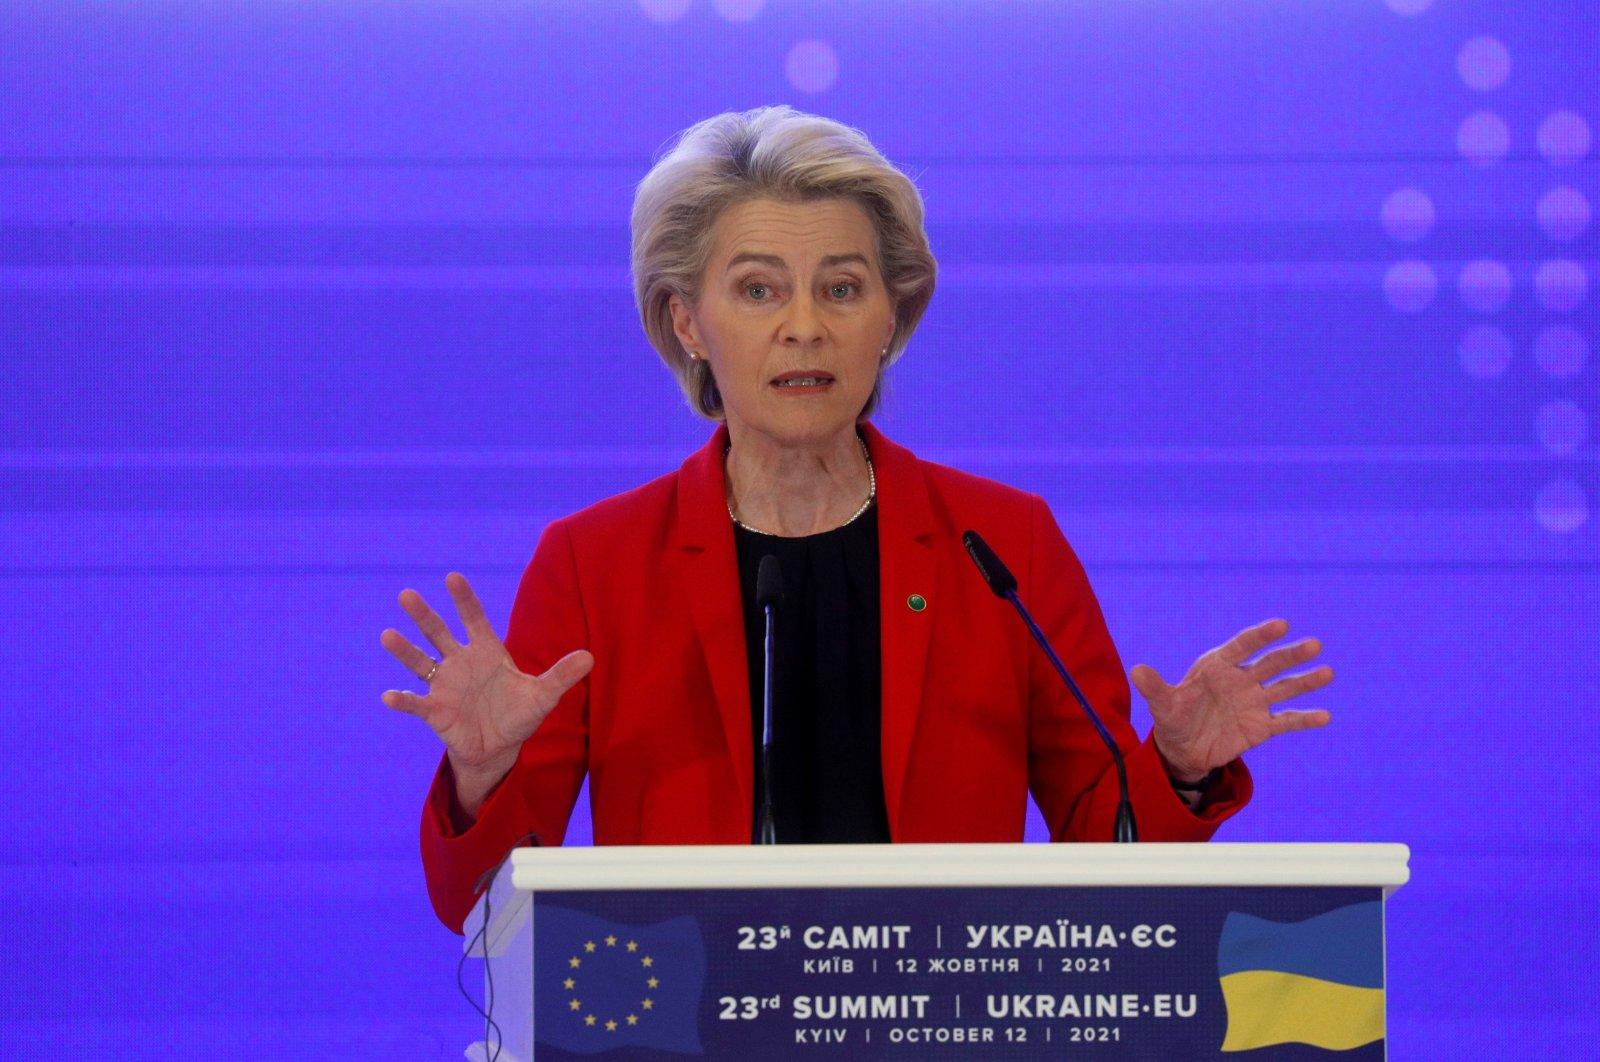 European Commission President Ursula von der Leyen gestures during a news briefing following the Ukraine-EU summit in Kyiv, Ukraine, Oct. 12, 2021. (Reuters Photo)